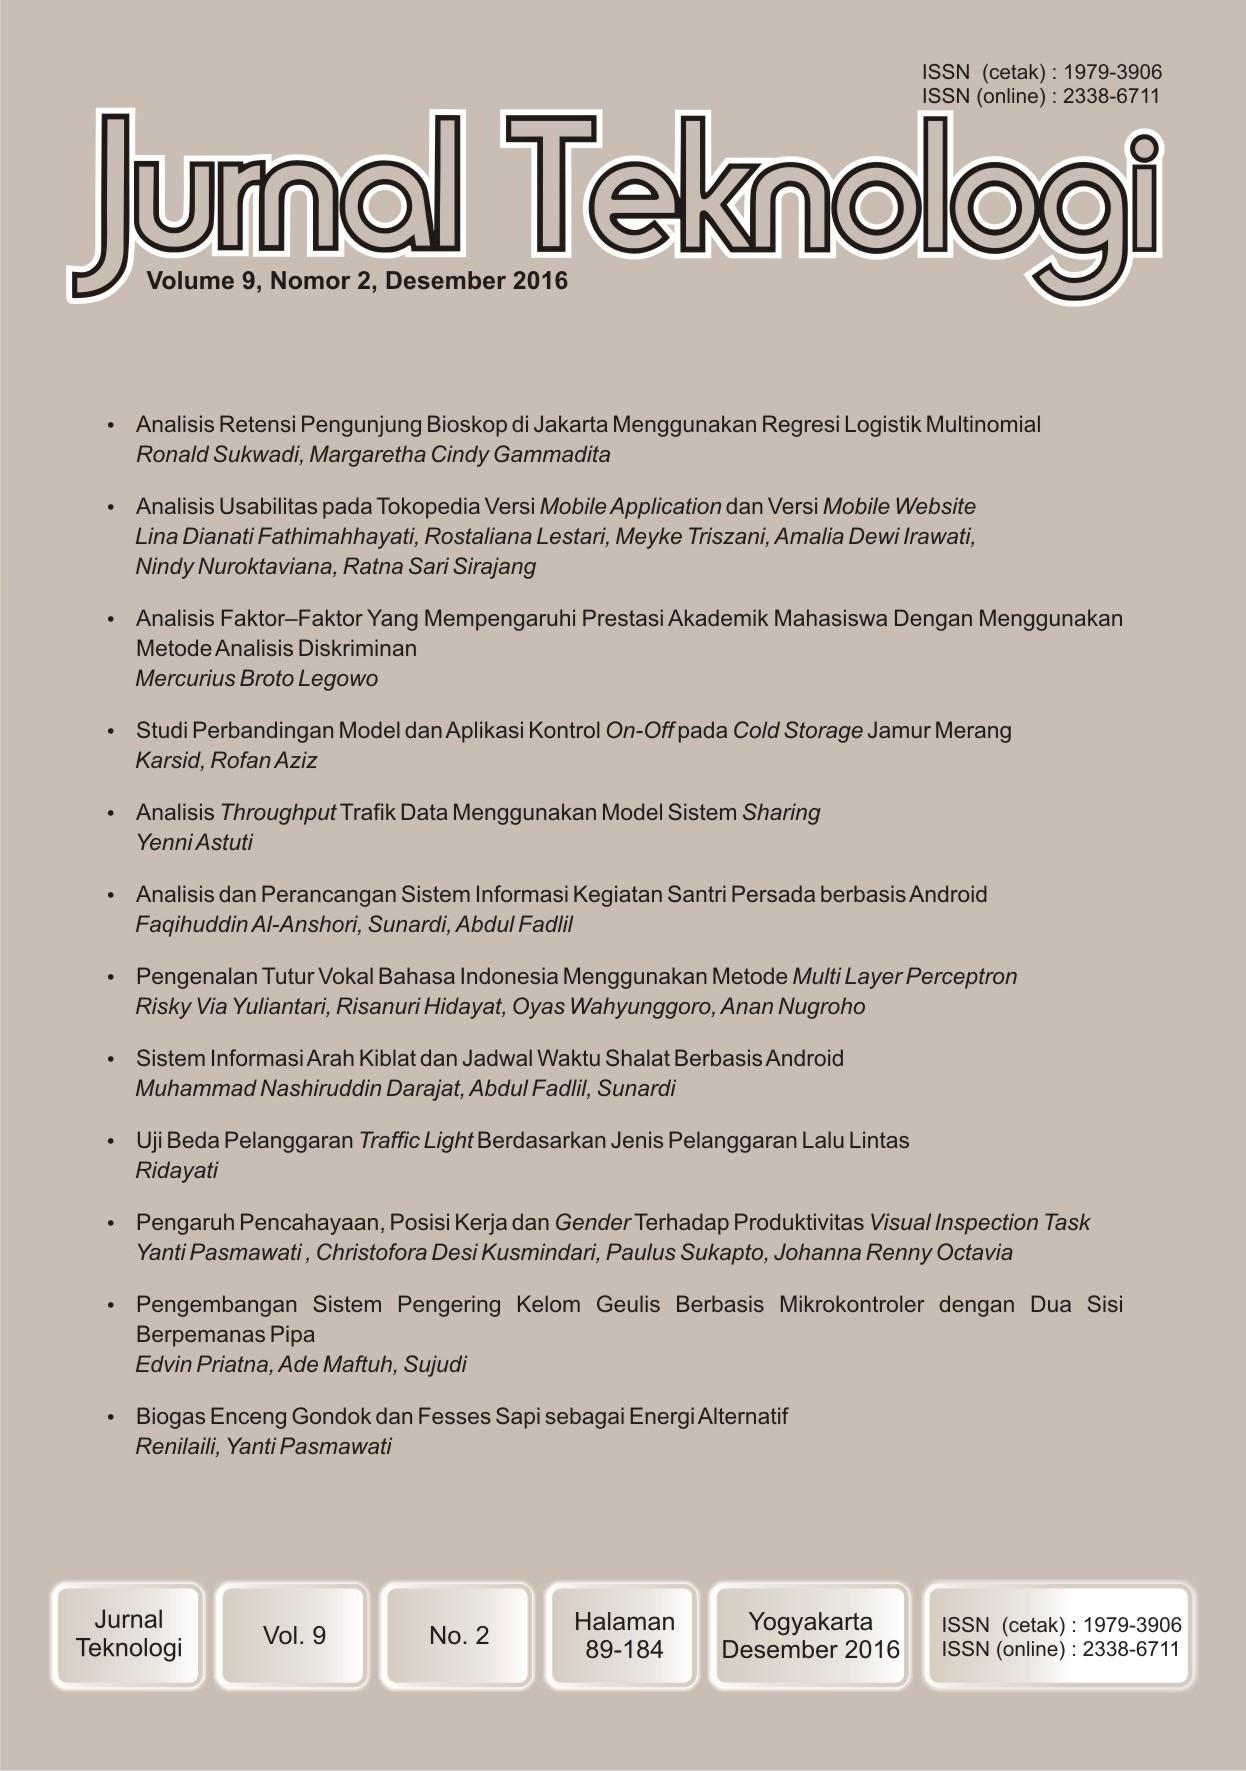 Jurnal Teknologi Volume 9 Nomor 2 Desember 2016